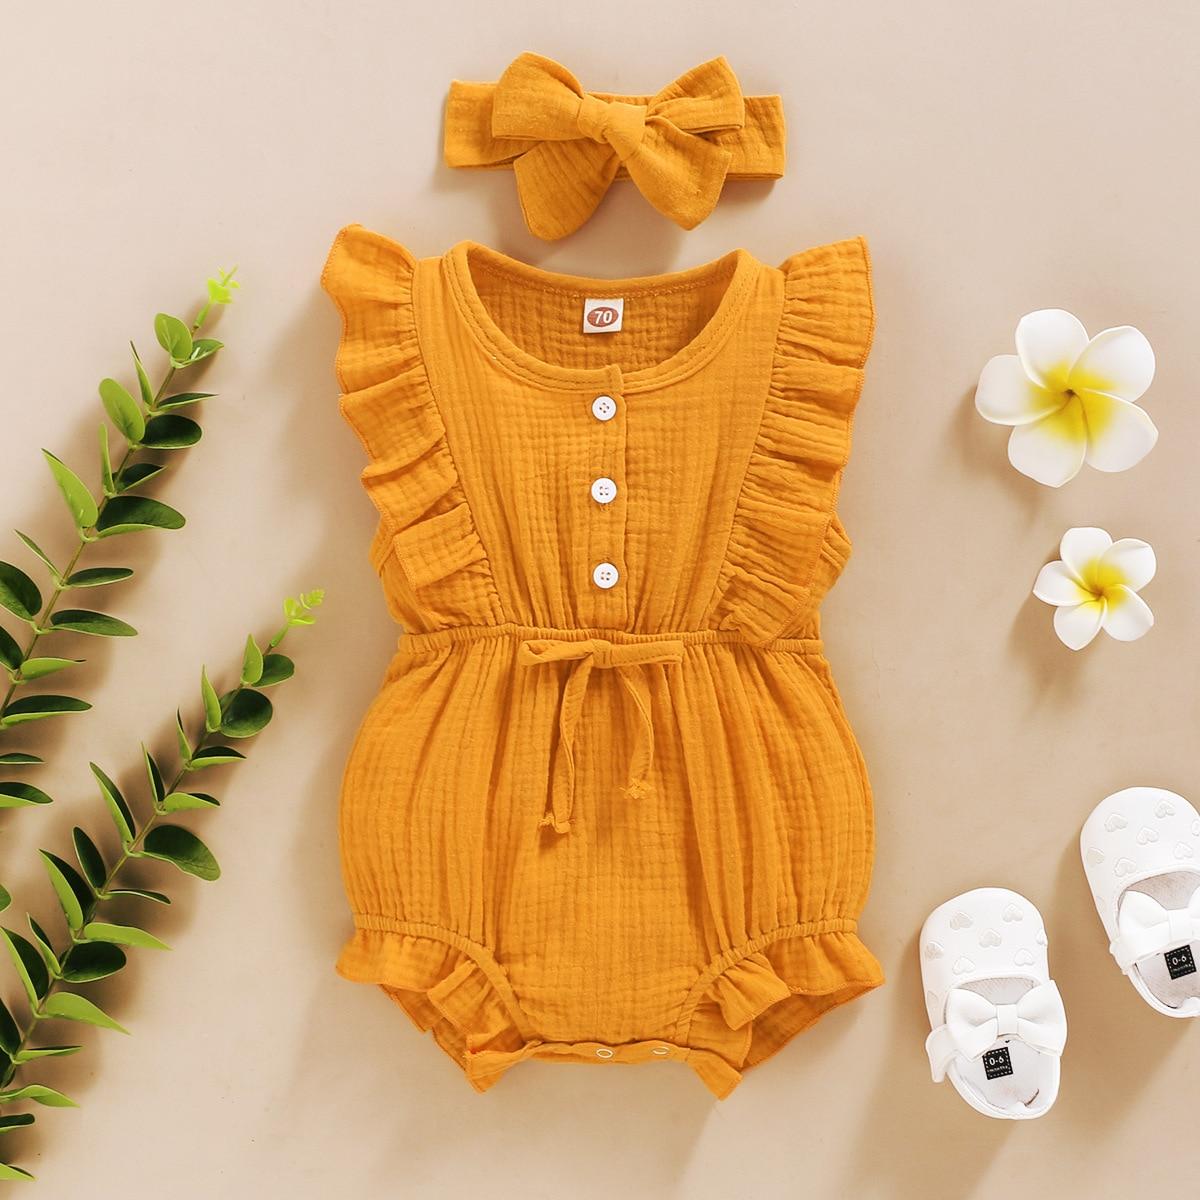 Verão bebê meninas macacão + bandana algodão linho babados sem mangas infantil macacão roupas recém-nascidos